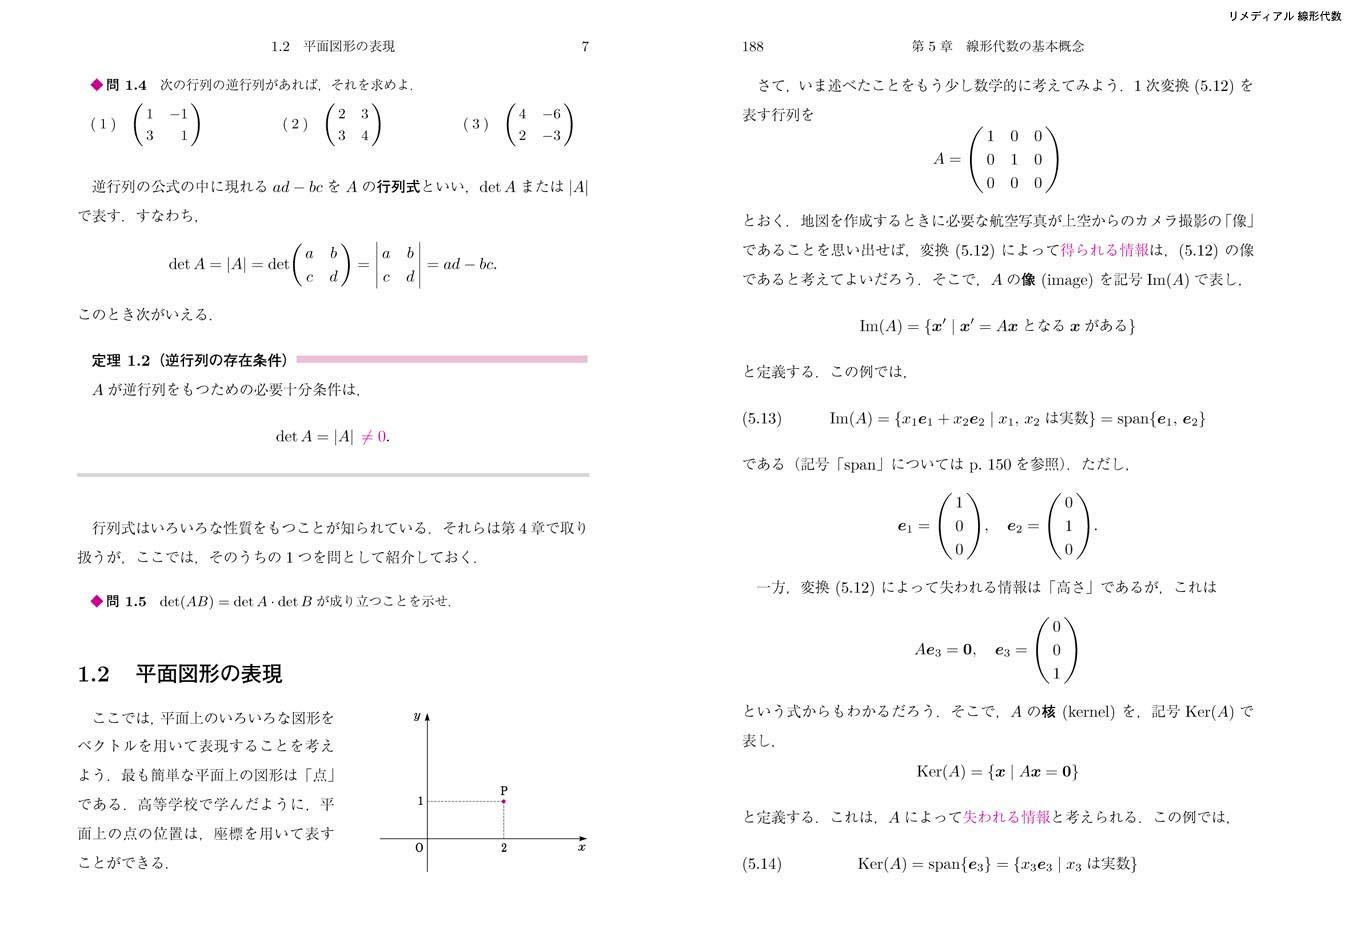 裳華房】 数学 教科書一覧